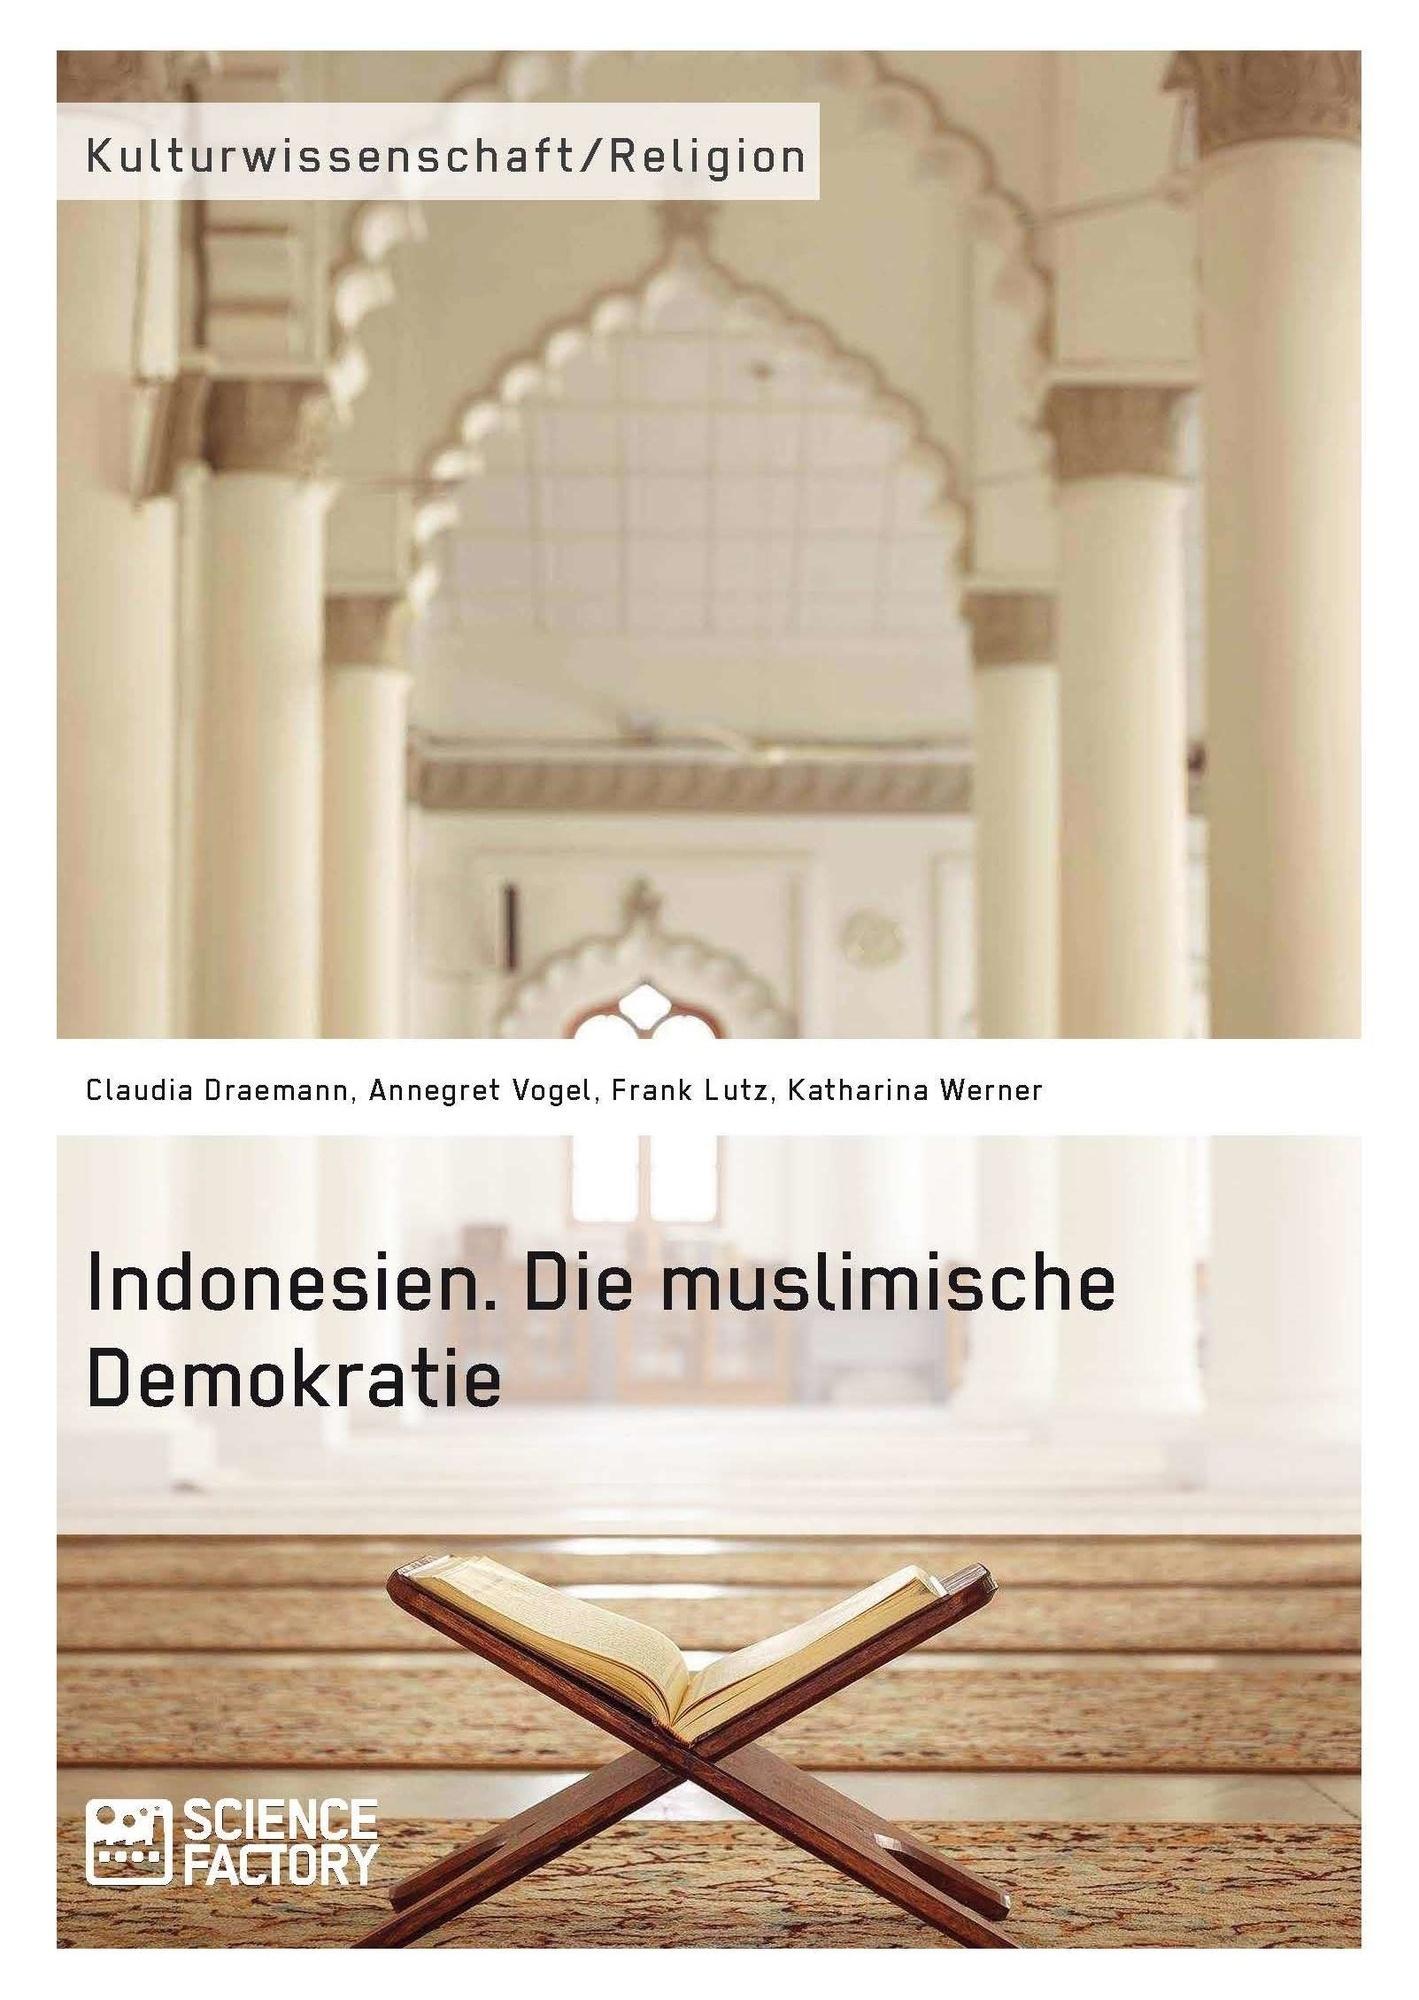 Titel: Indonesien. Die muslimische Demokratie